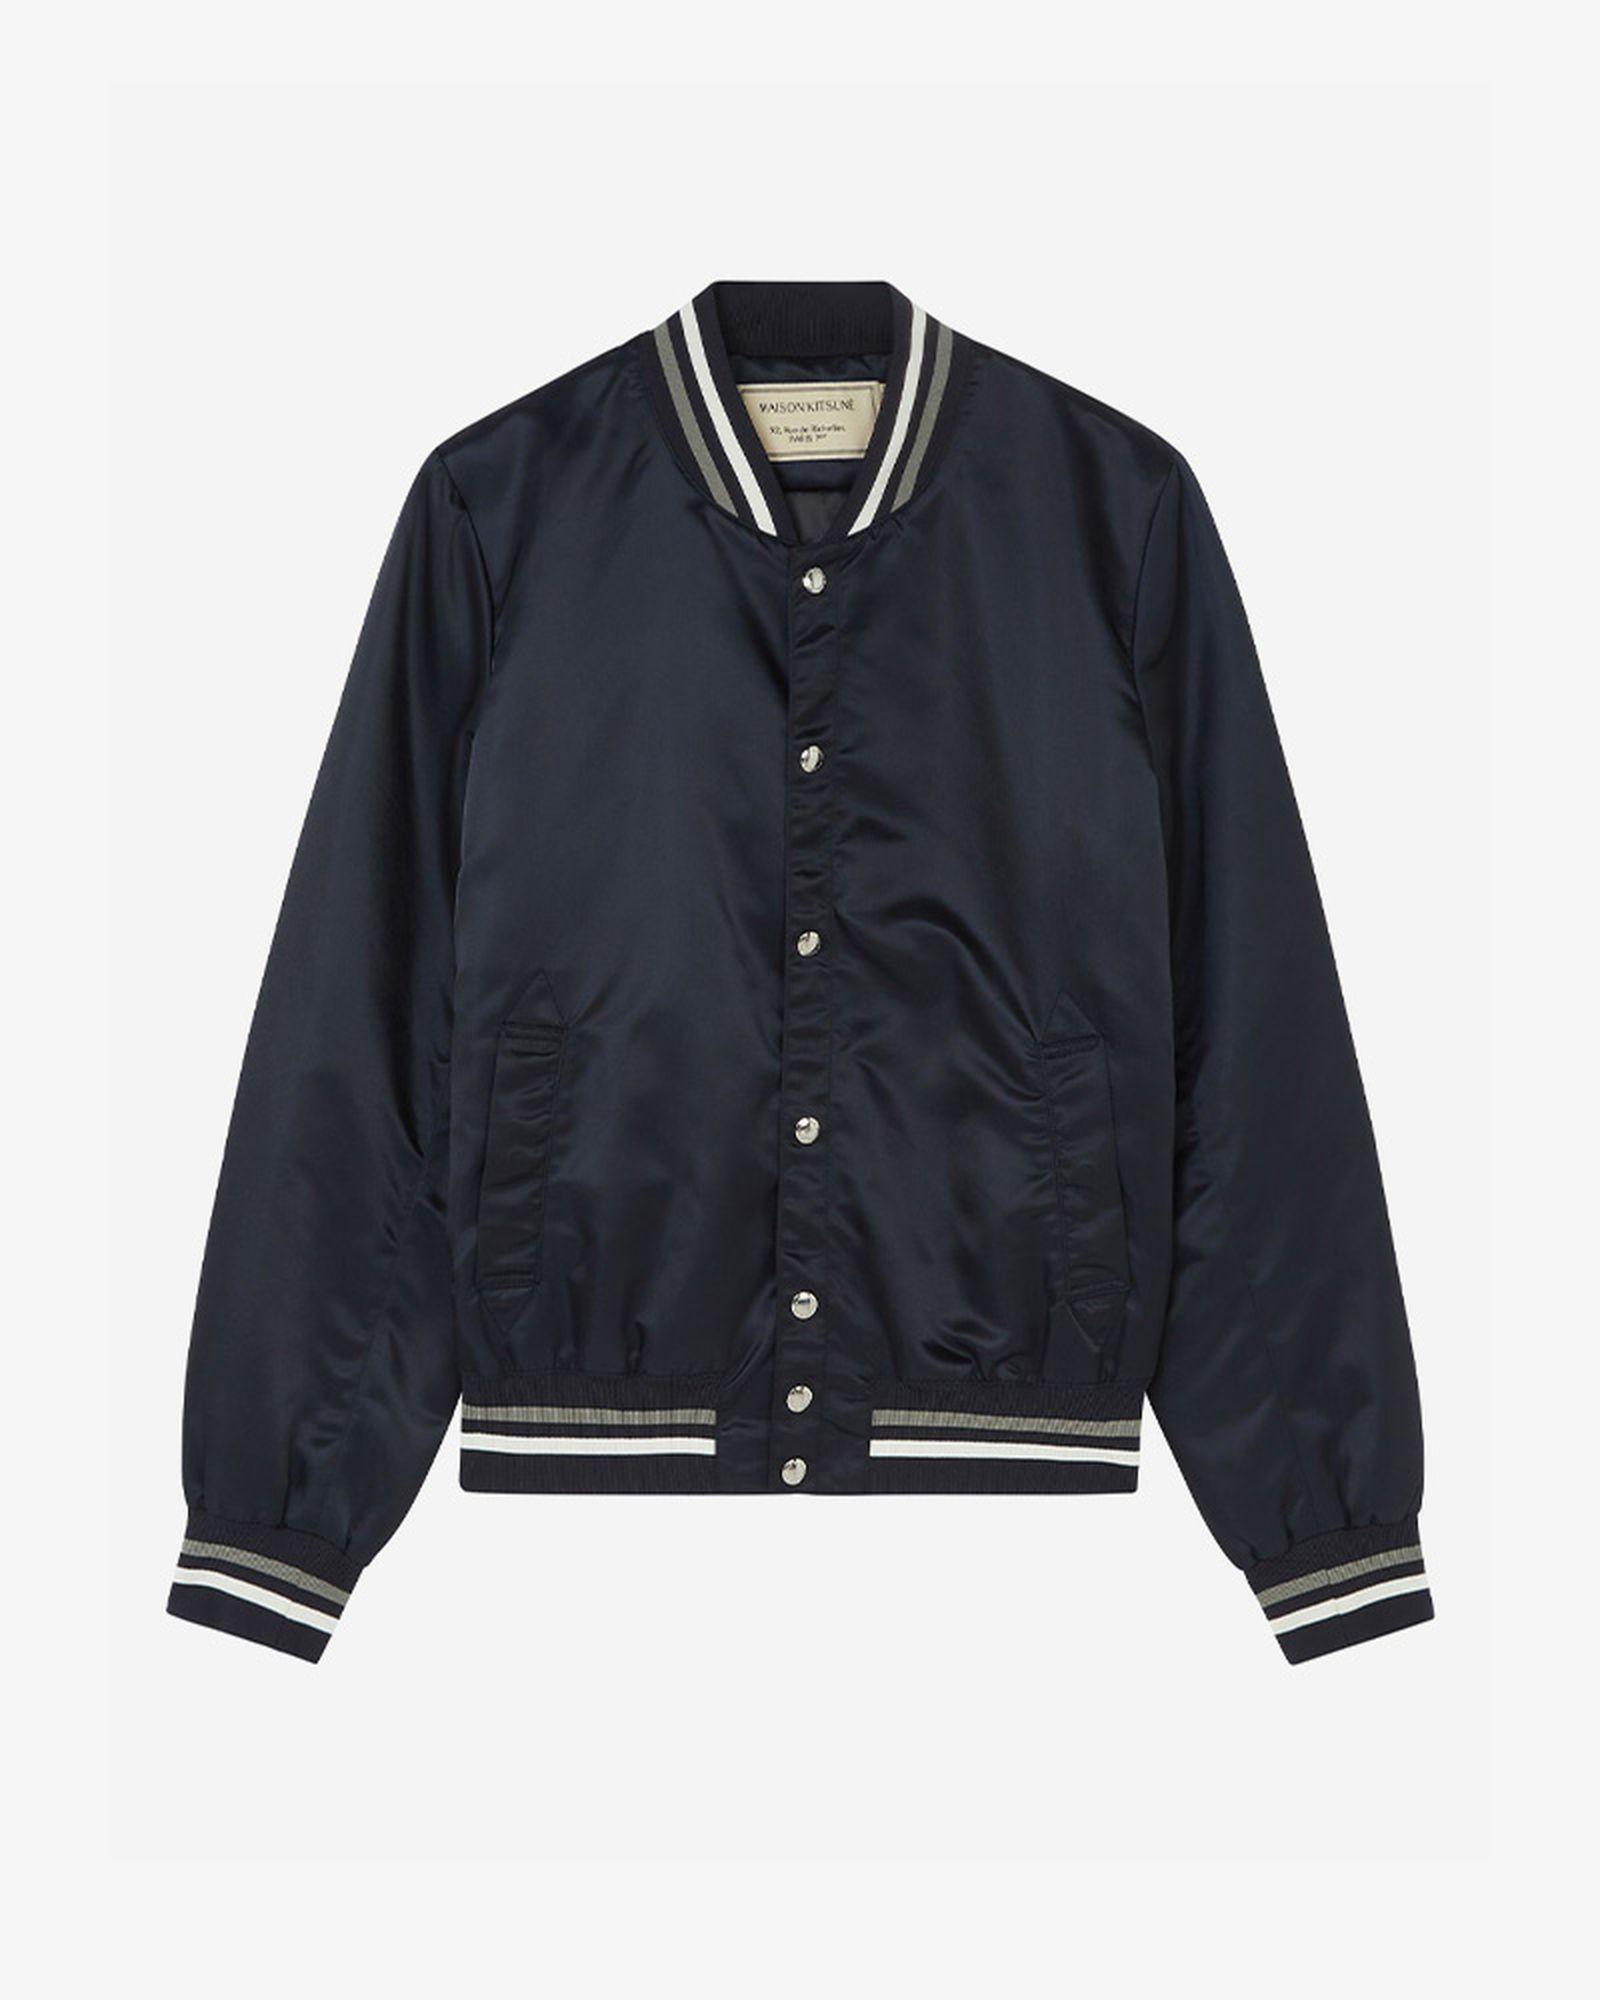 Maison Kitsune Bomber Jacket